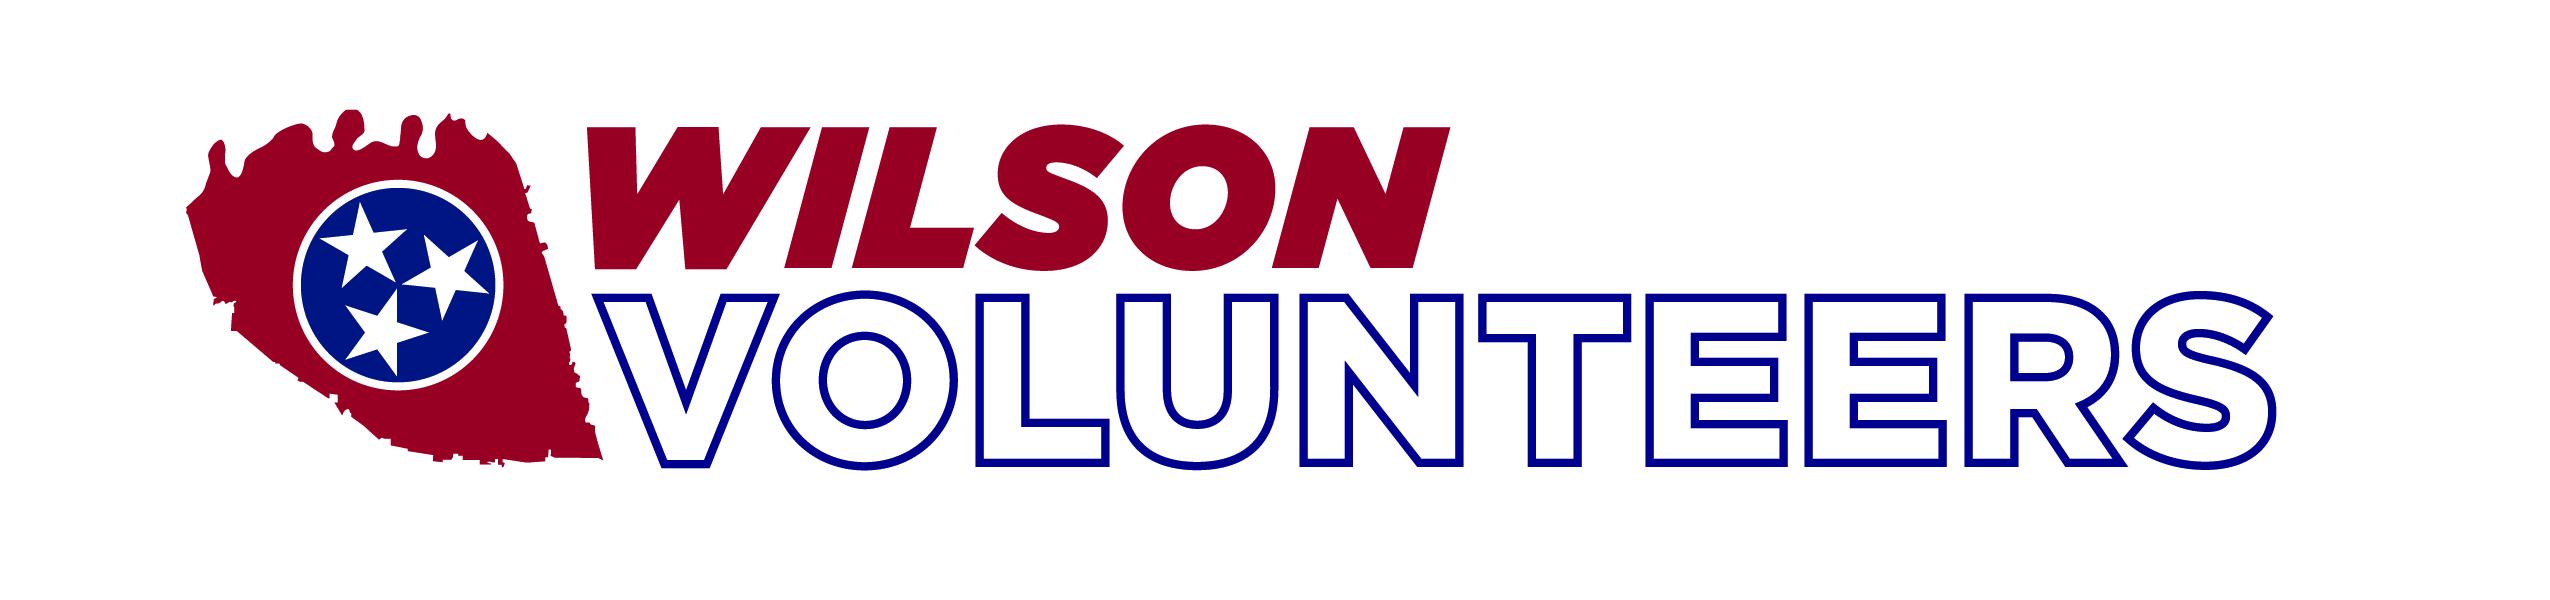 Wilson Volunteers